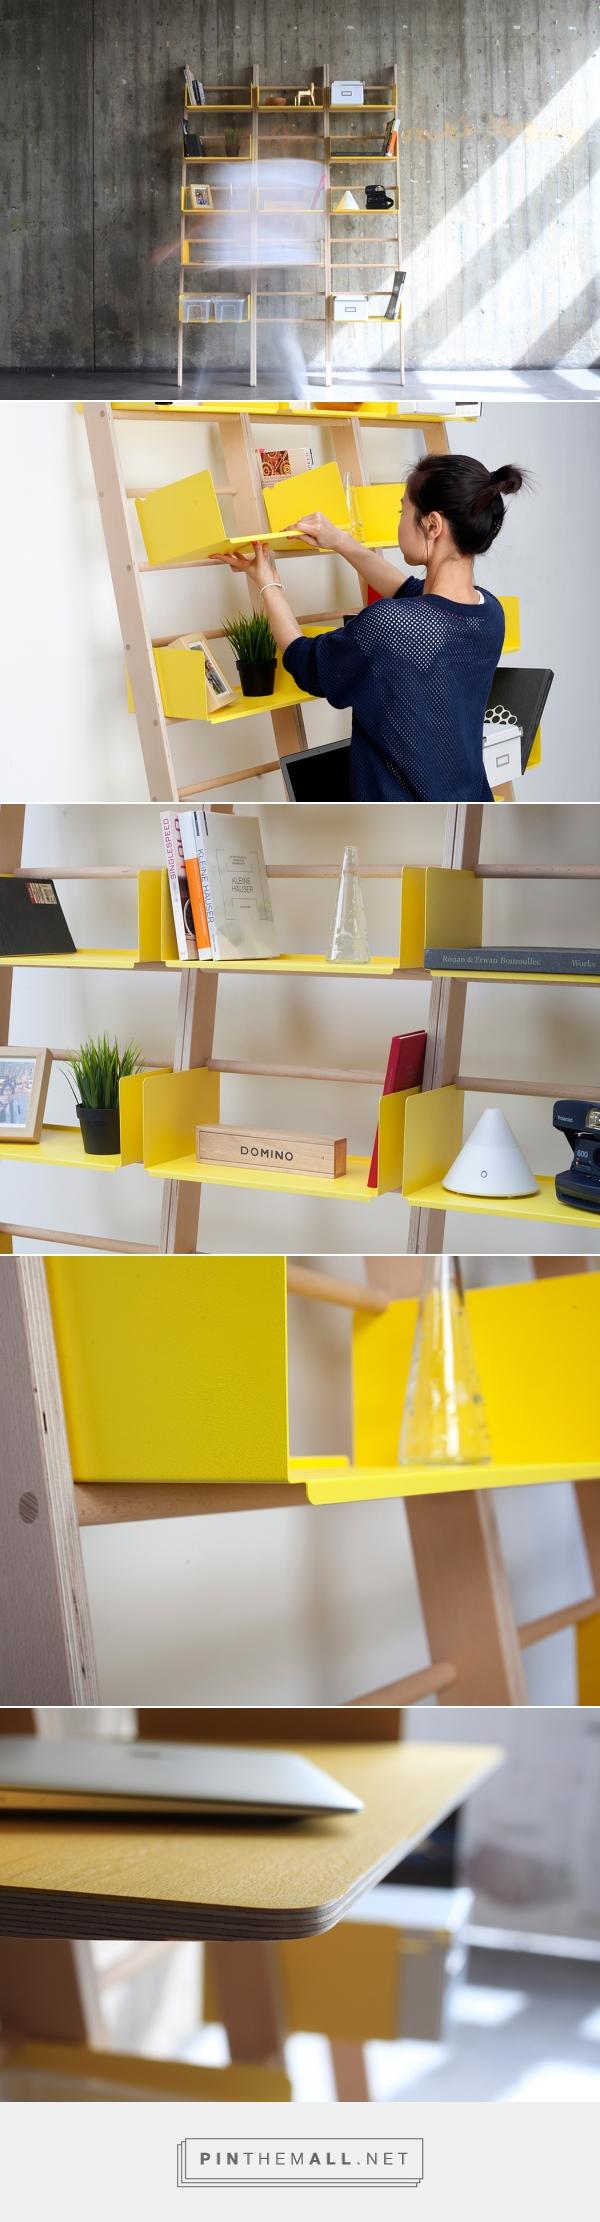 Pin de guadalupe villanueva en design muebles modulares muebles y mueble estanteria Muebles estanterias modulares